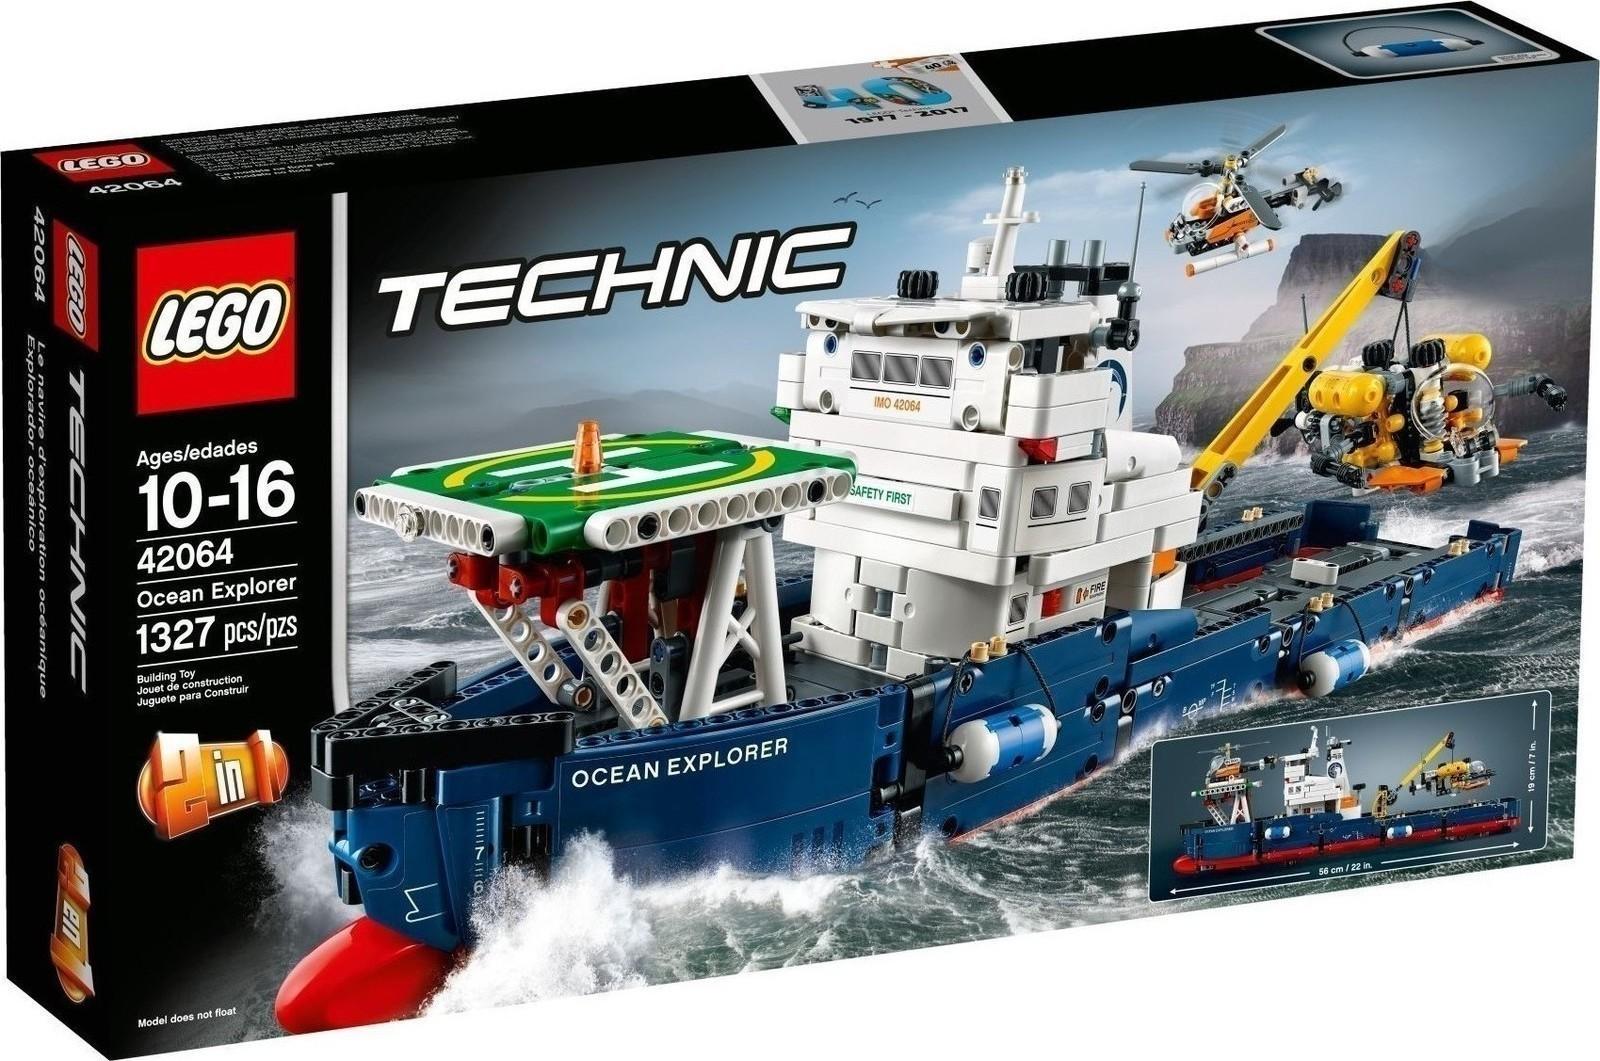 Lego Ocean Explorer 42064